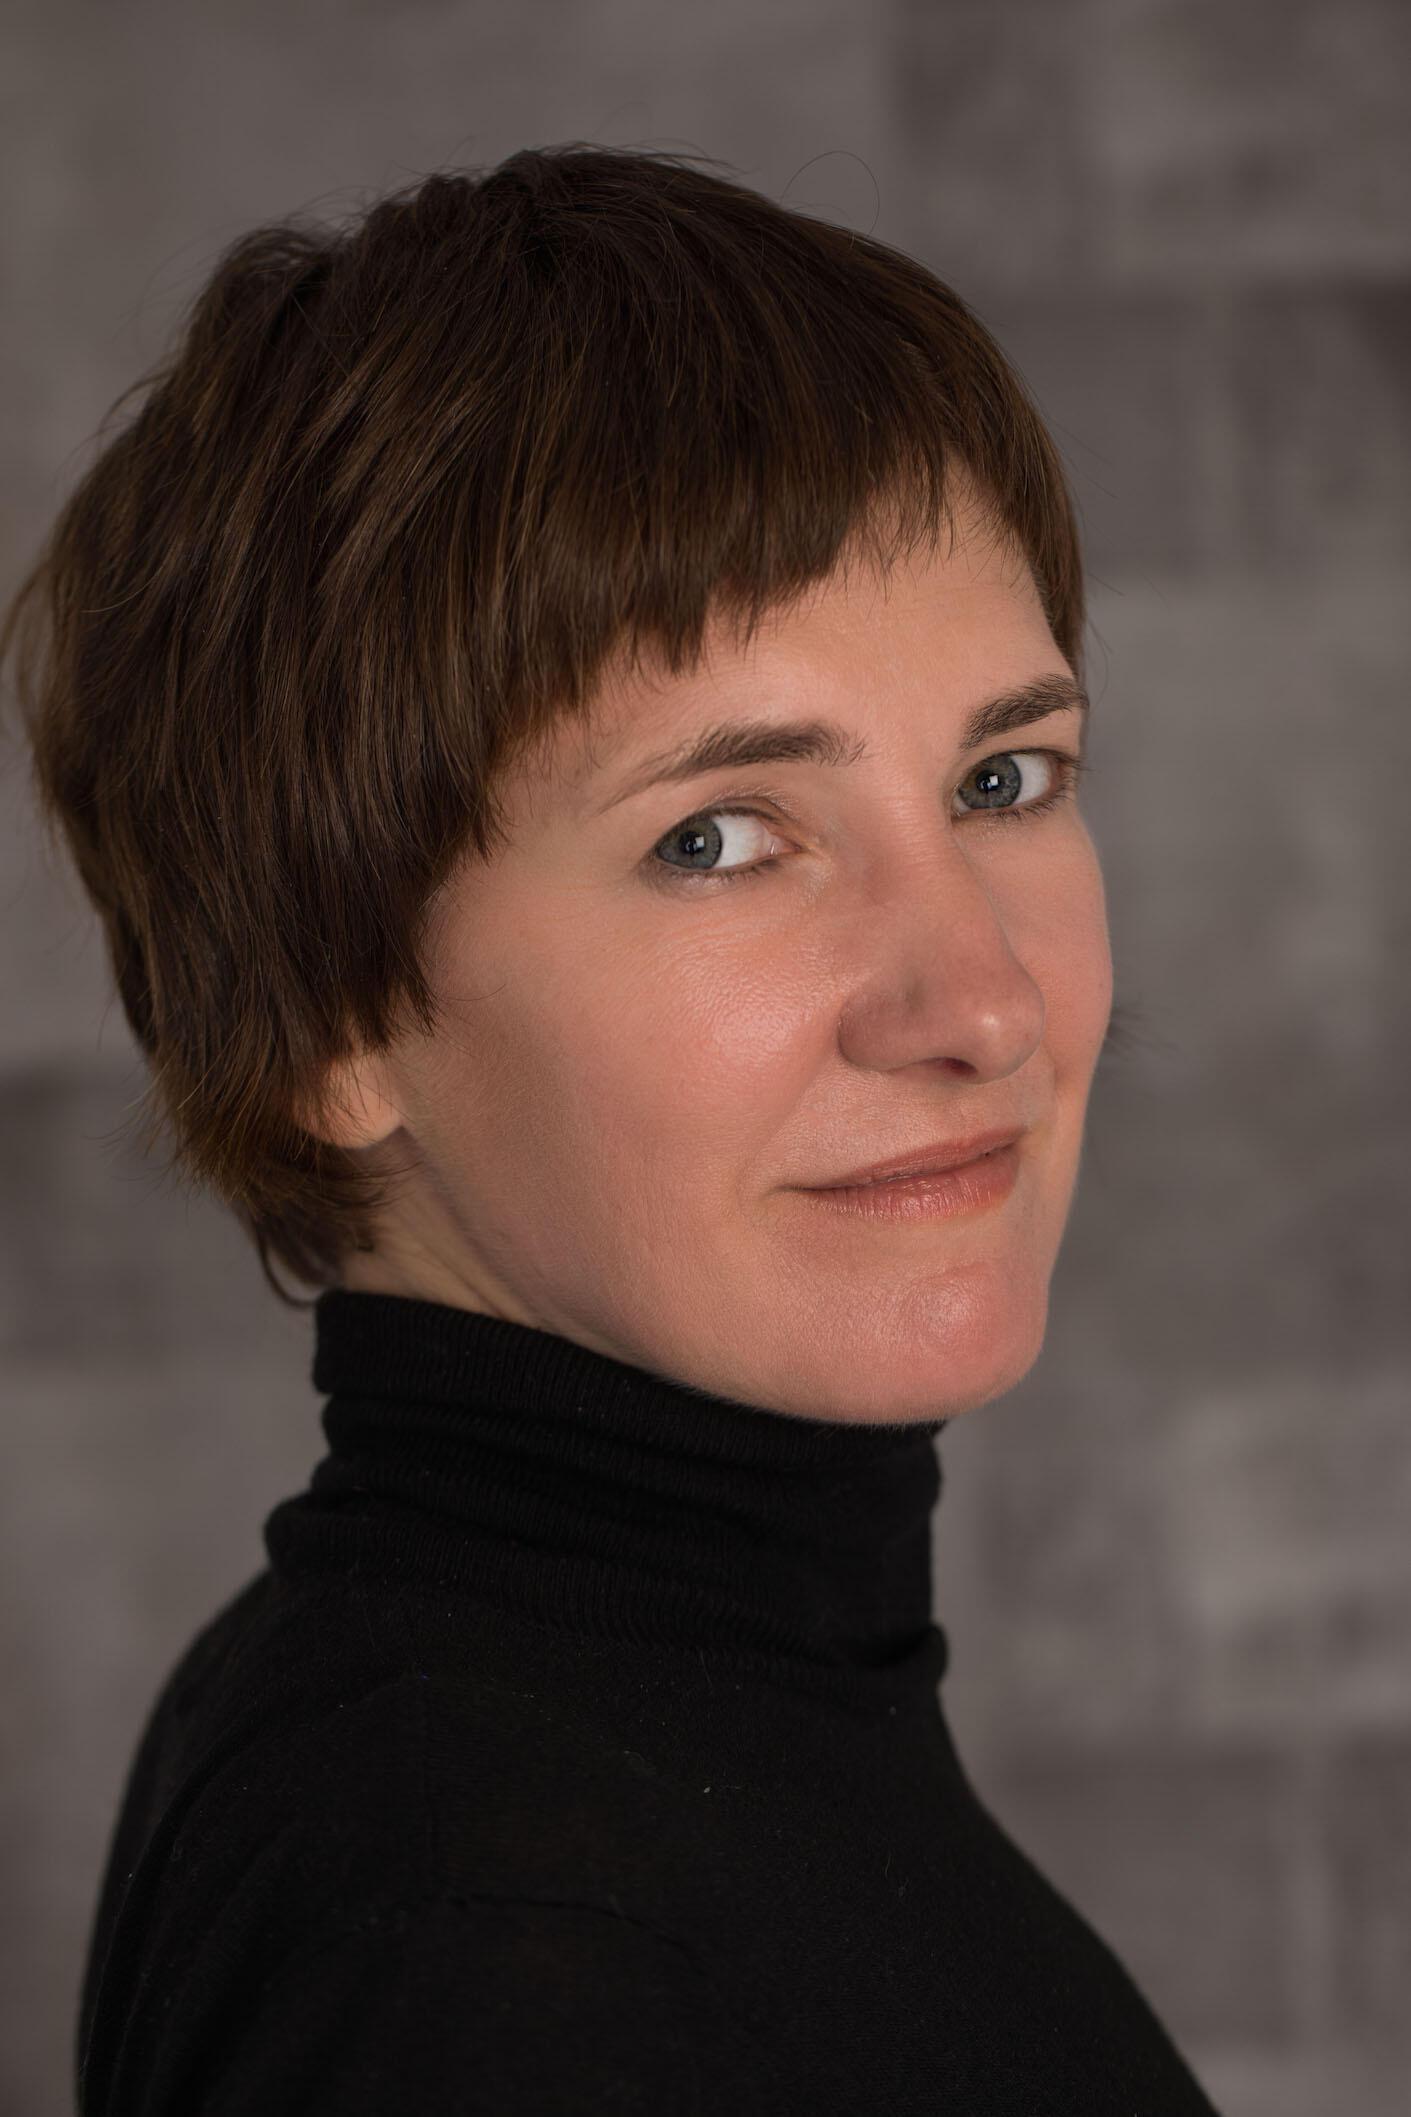 Берлинский социолог Марит Кремер уже около 15 лет исследует жизнь чеченской диаспоры в Германии